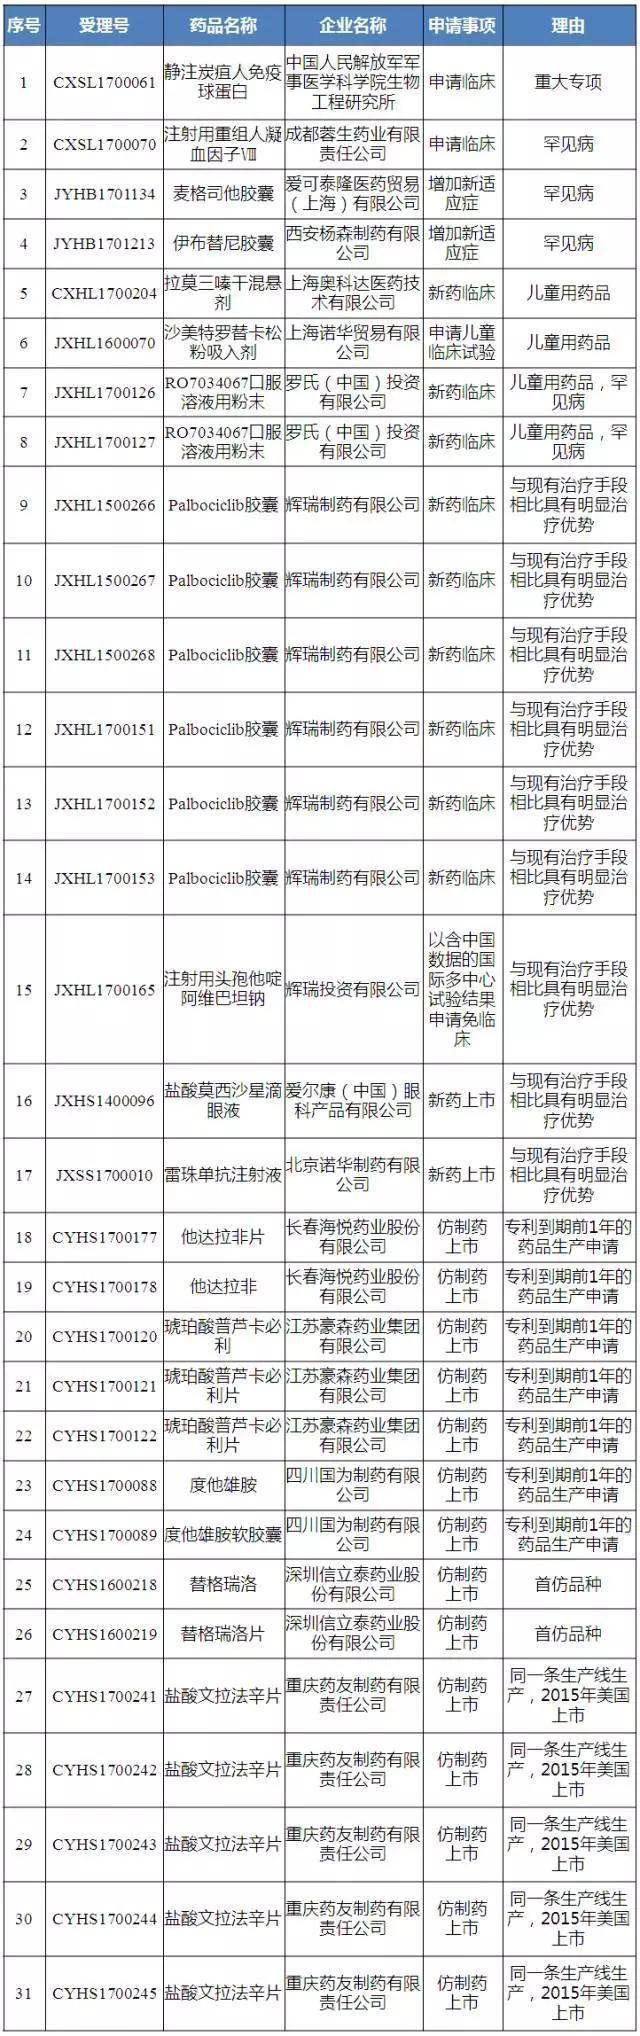 31个拟优先审评的药品注册申请公示名单